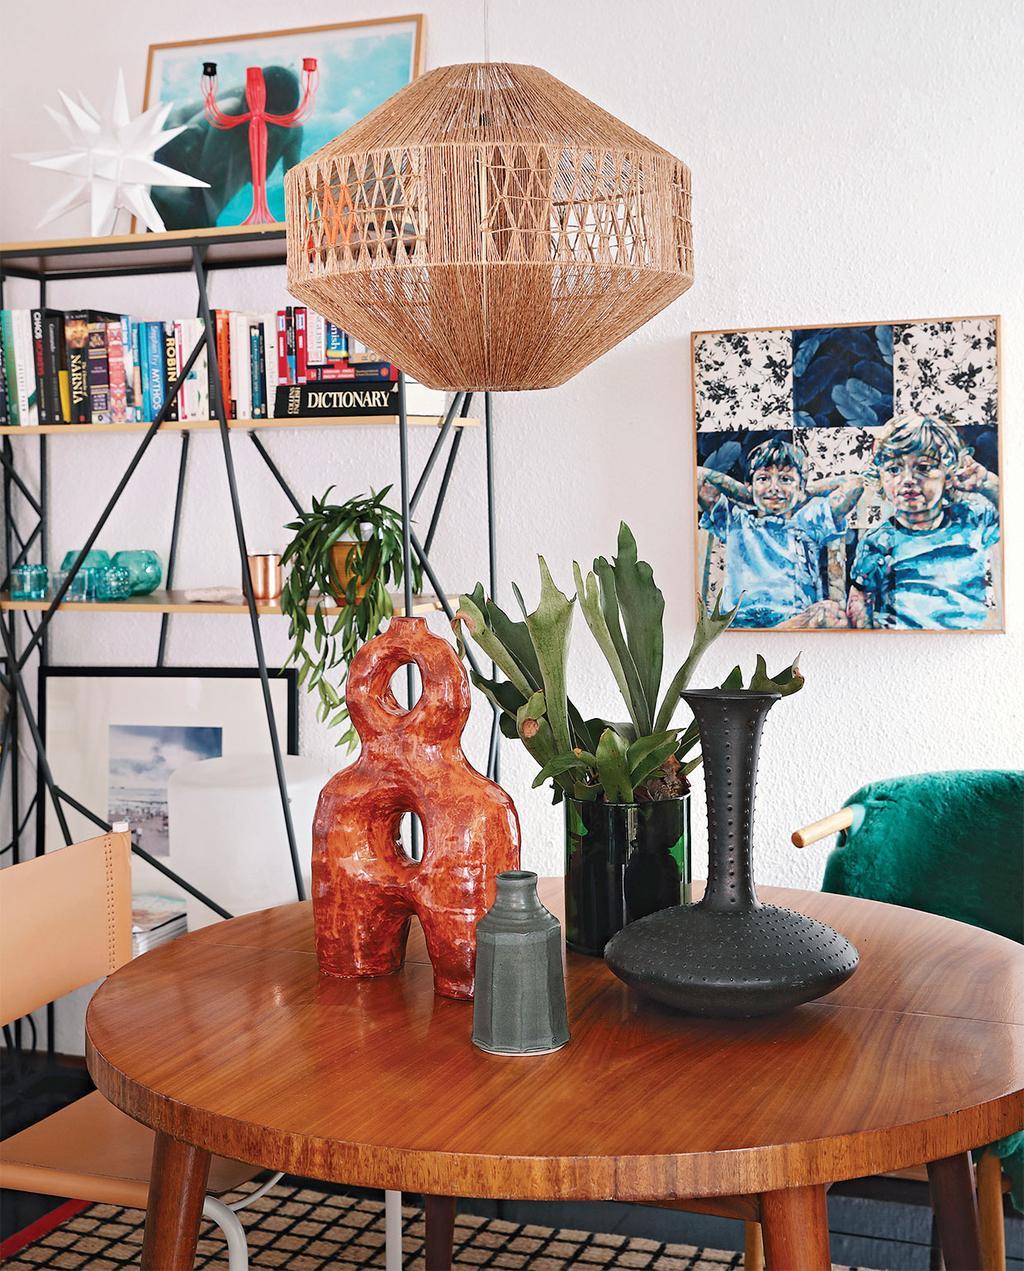 vtwonen special zomerhuizen 07-2021 | keramiek met verschillende vormen en structuren op de ronde tafel